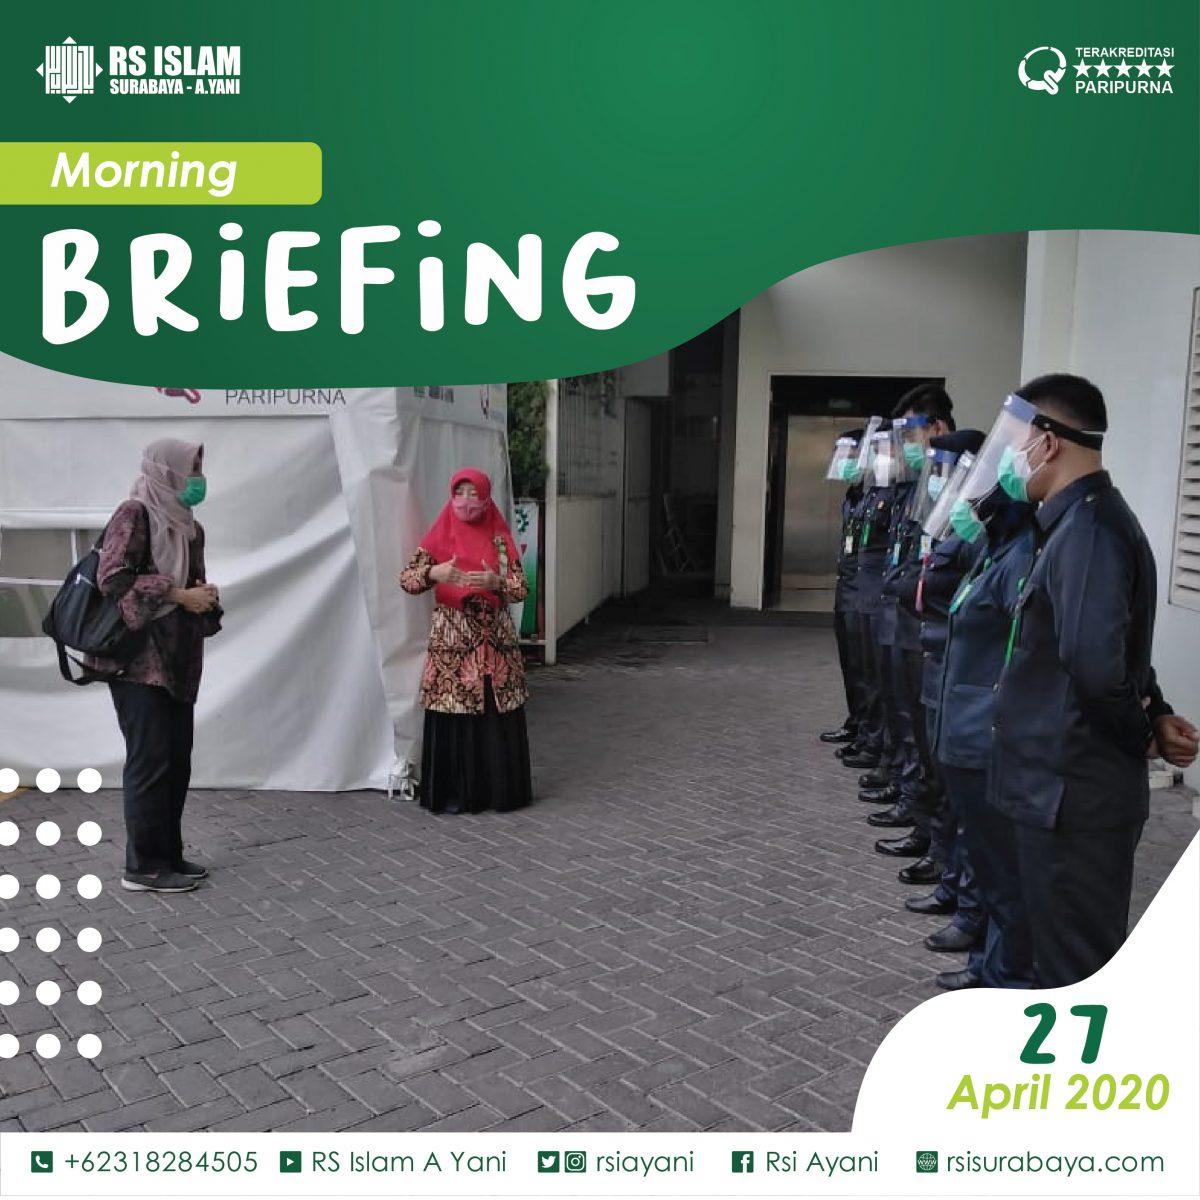 briefing-01-01-1200x1200.jpg